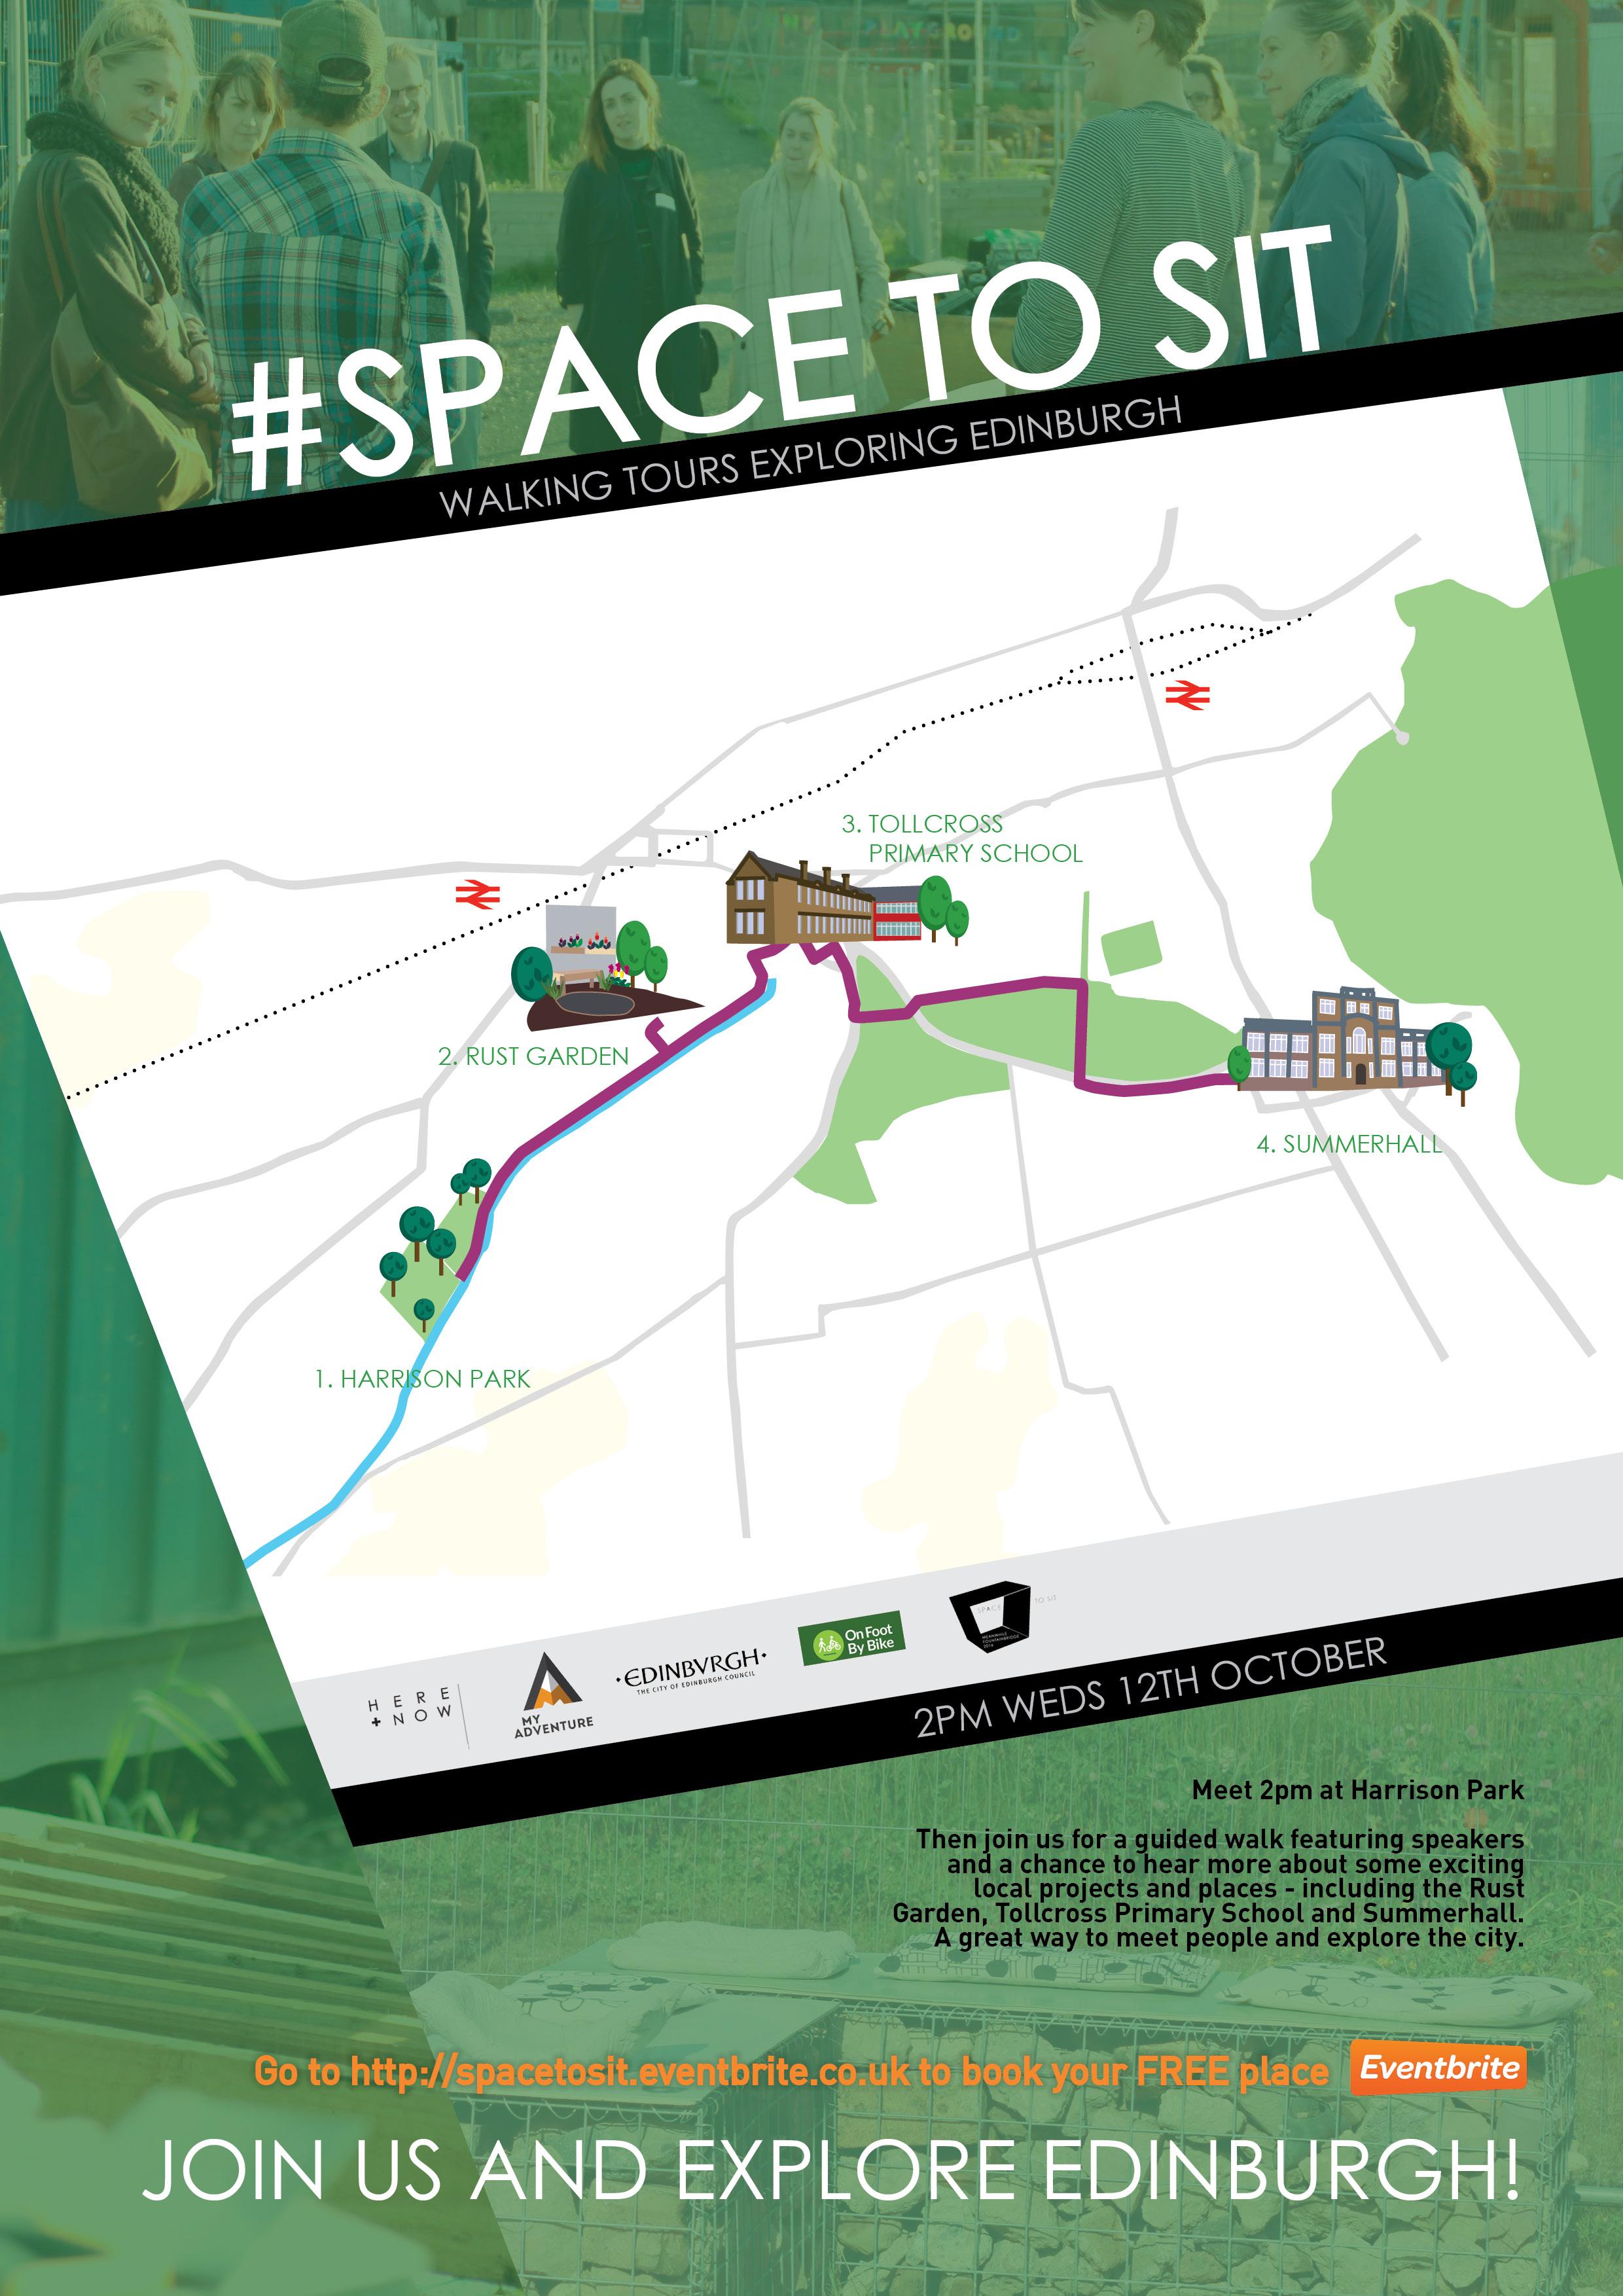 160919_HERE+NOW_#SpaceToSit_Walking tour poster.jpg